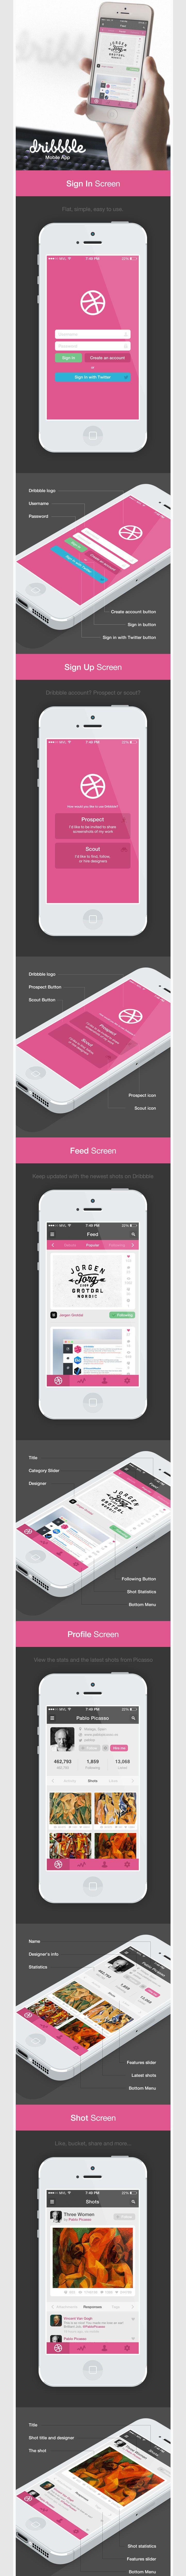 Dribbble App for iOS7